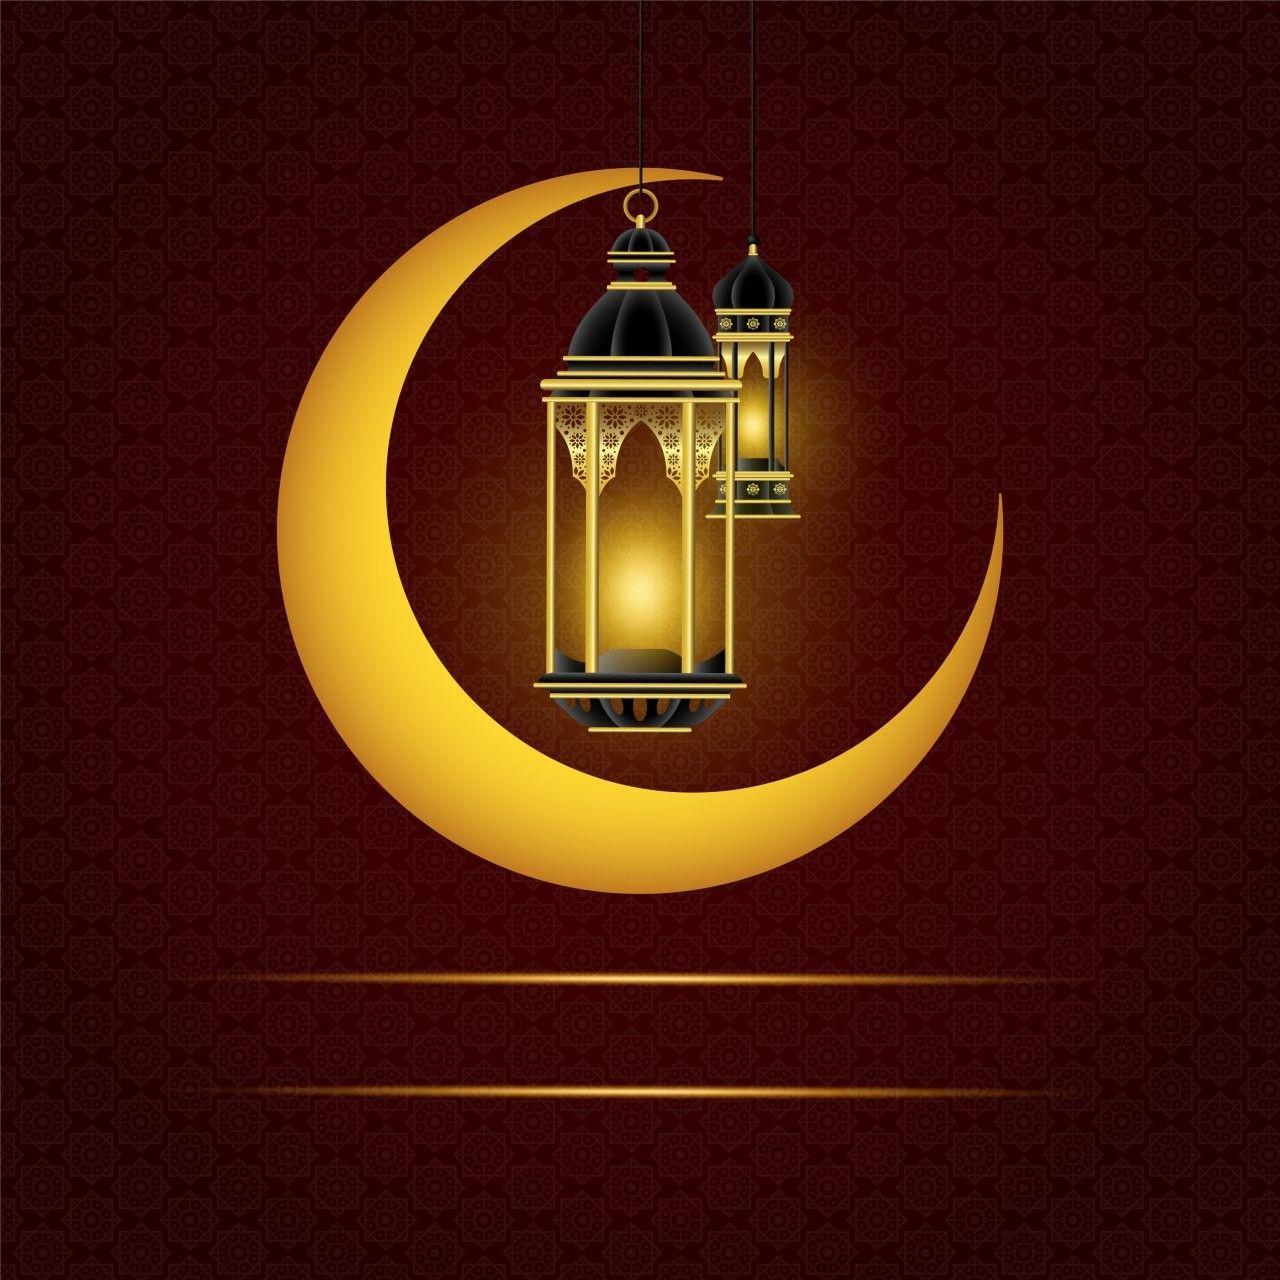 Pin Oleh Irena Rehan Di رمضان Seni Islamis Gambar Grafik